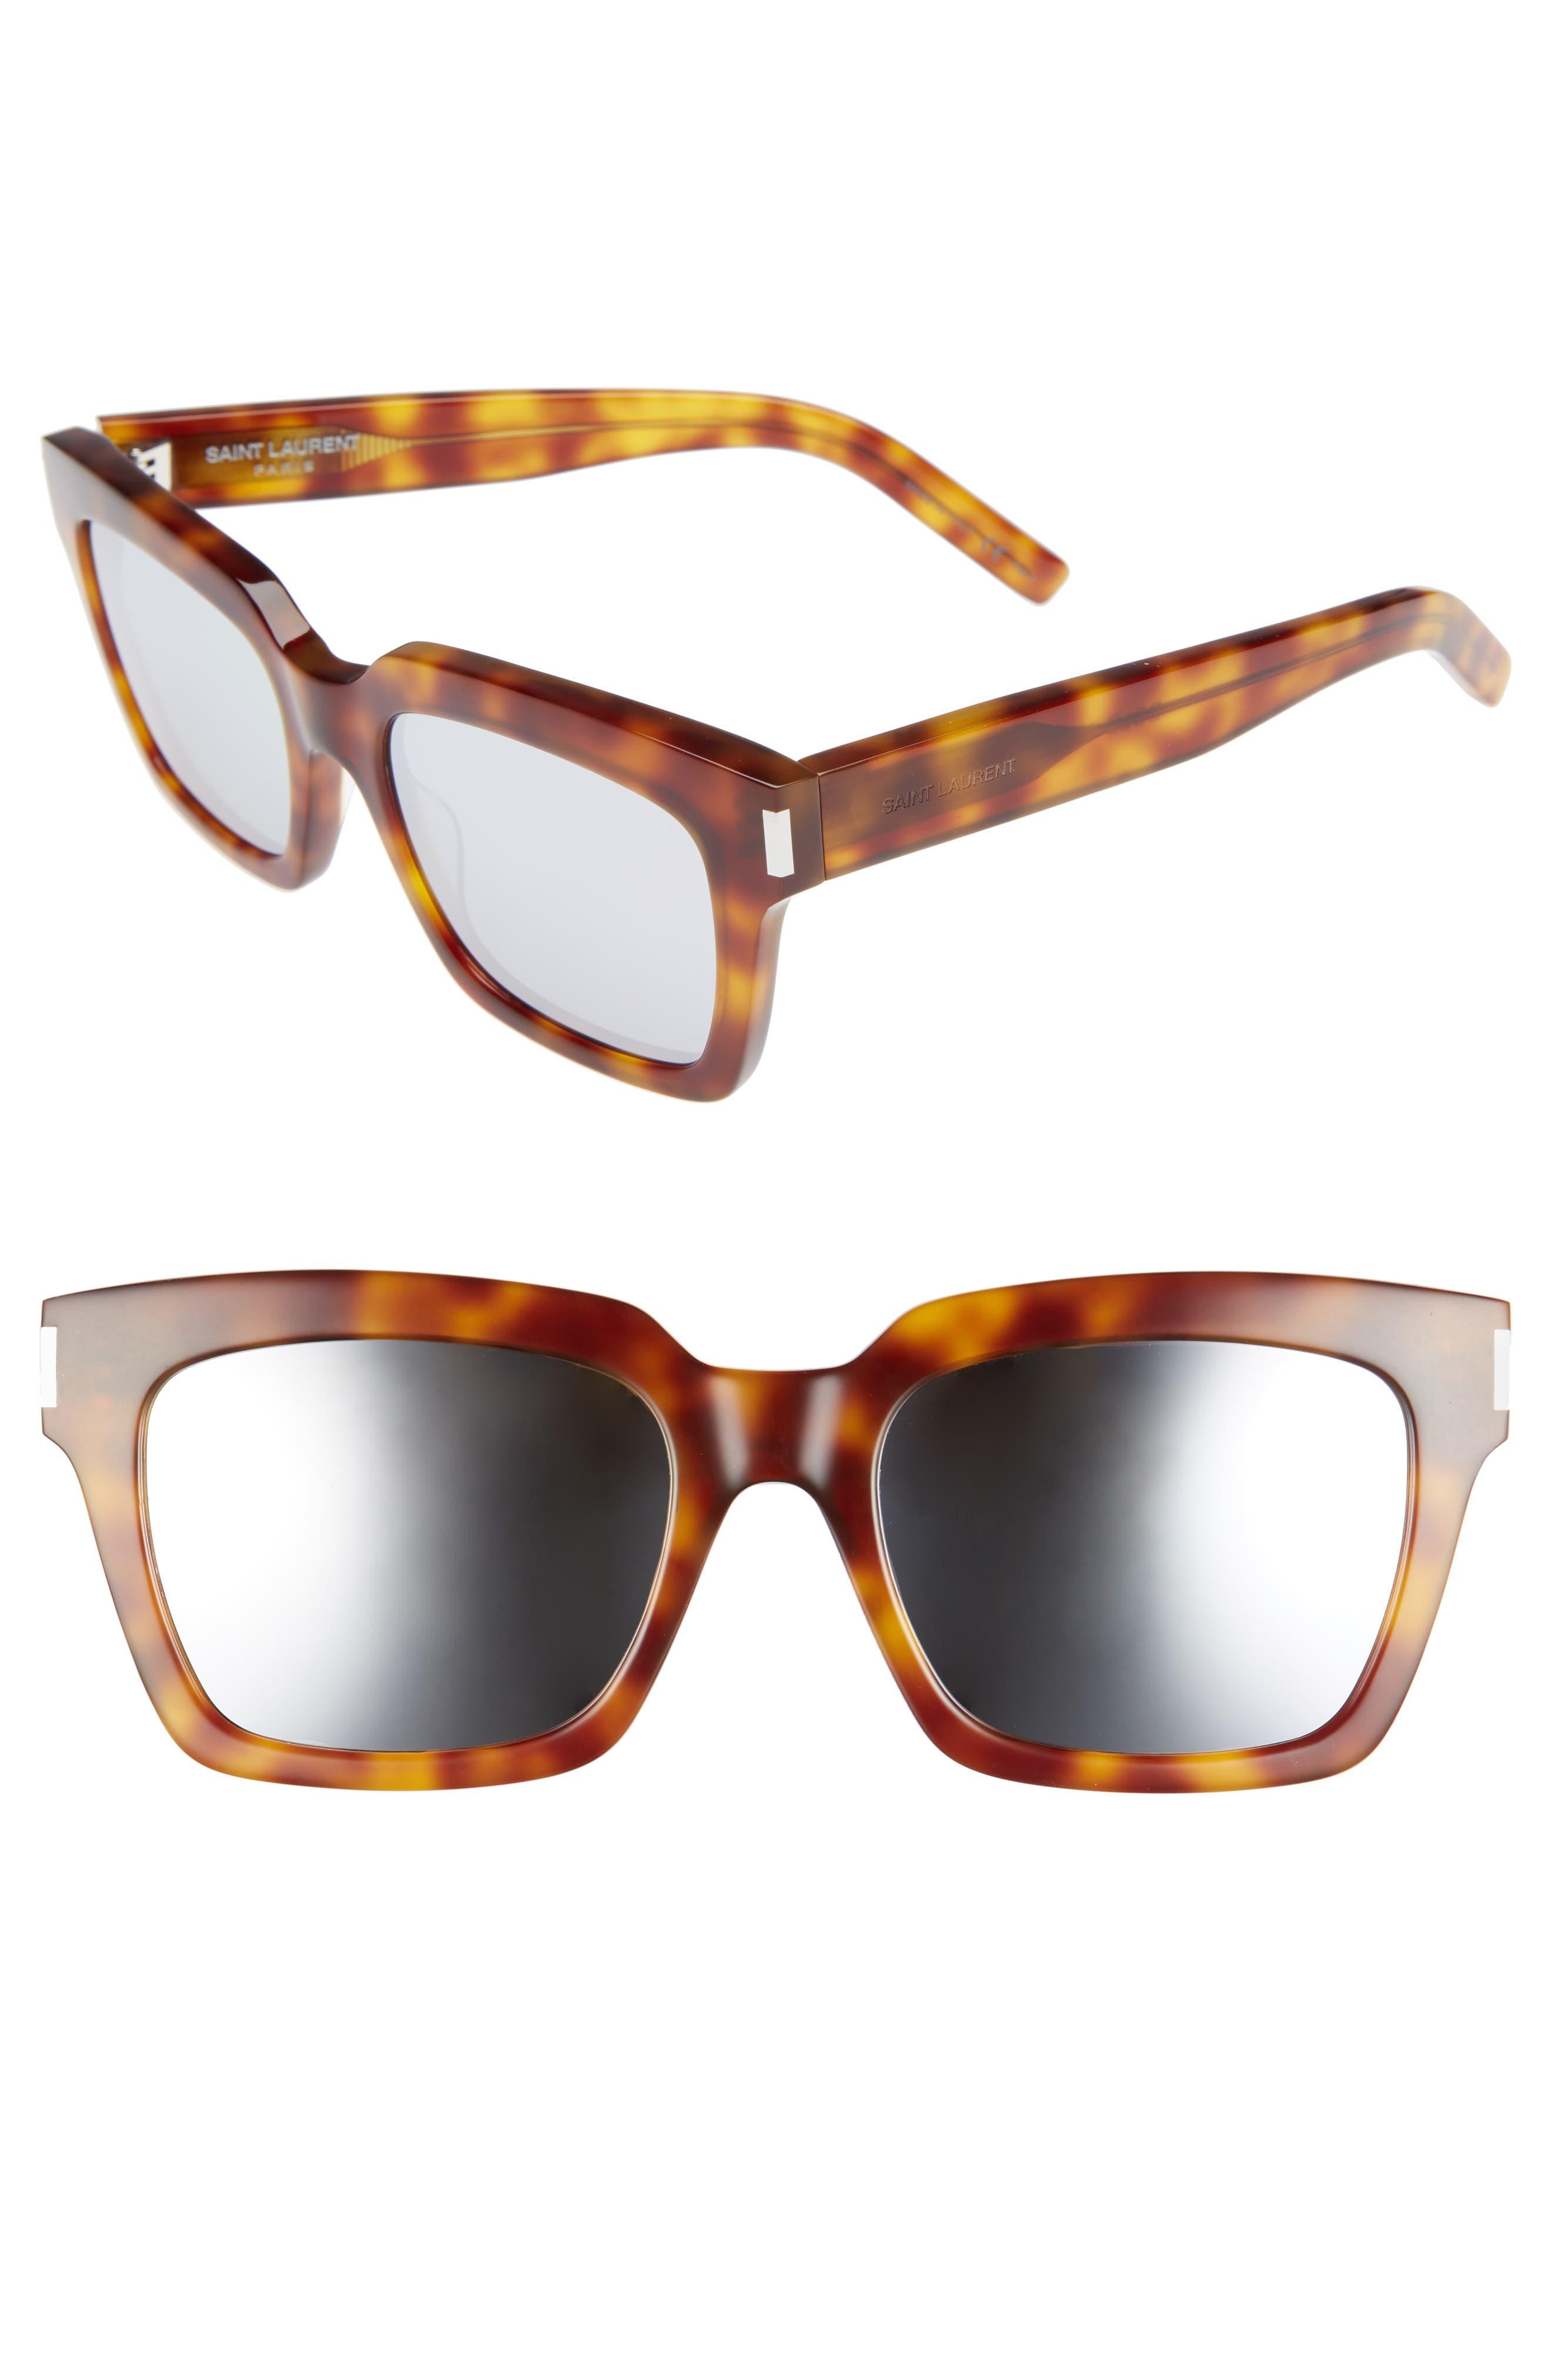 Saint Laurent 'Bold' 54mm Sunglasses